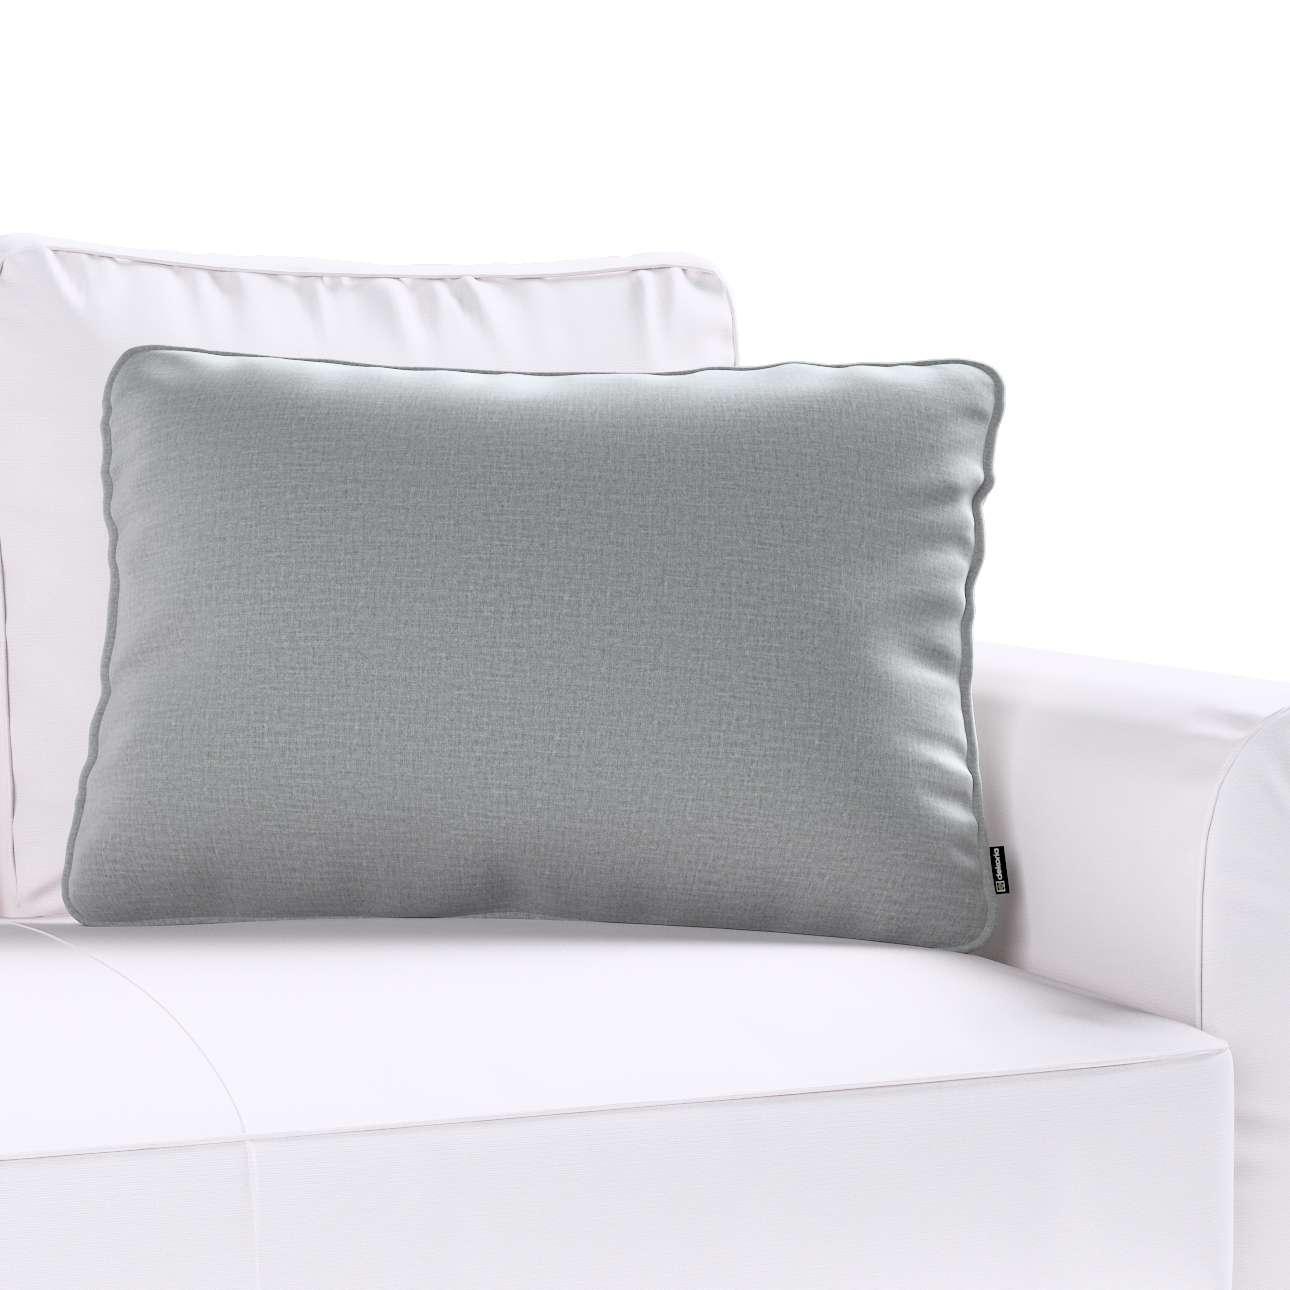 Poszewka Gabi na poduszkę prostokątna w kolekcji Ingrid, tkanina: 705-42